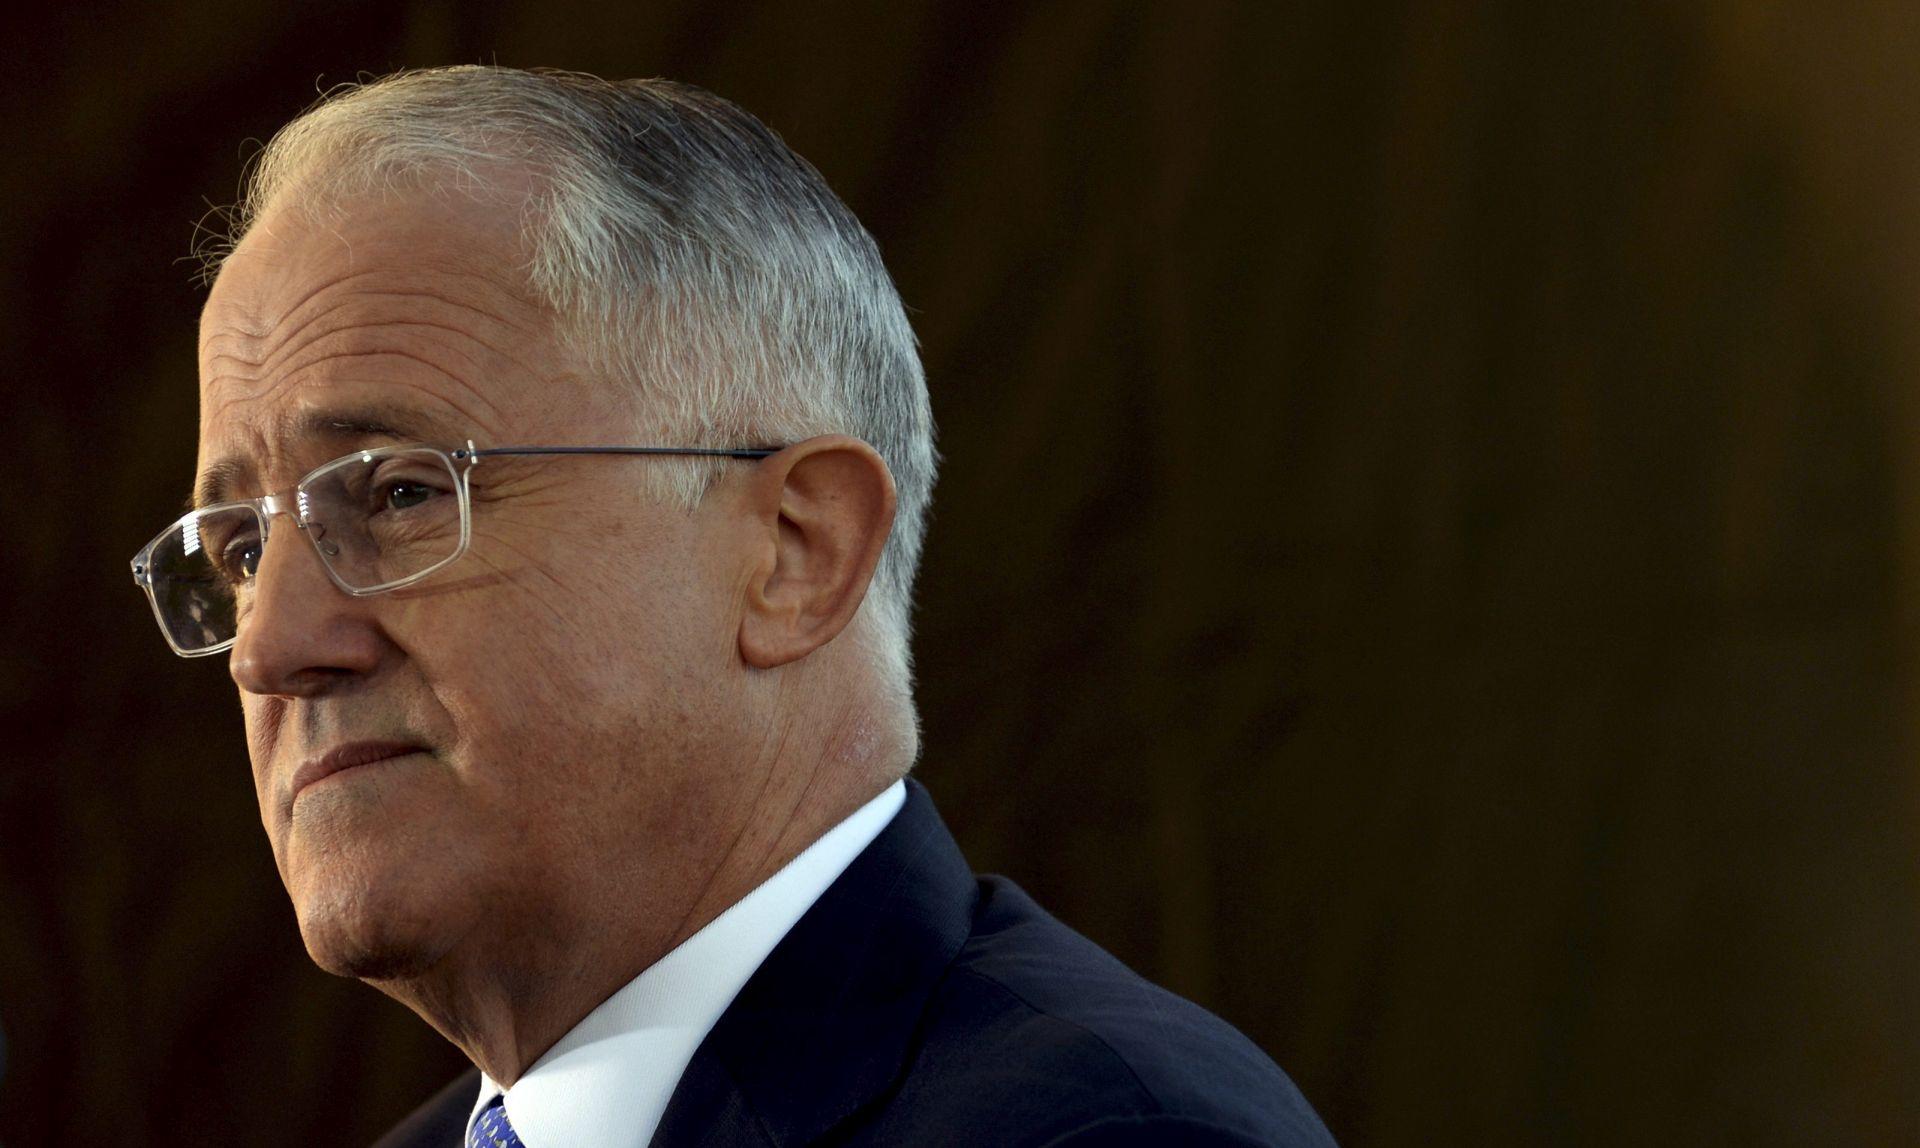 MALCOM TURNBULL Trump nije prijetnja savezništvu Australije i SAD-a